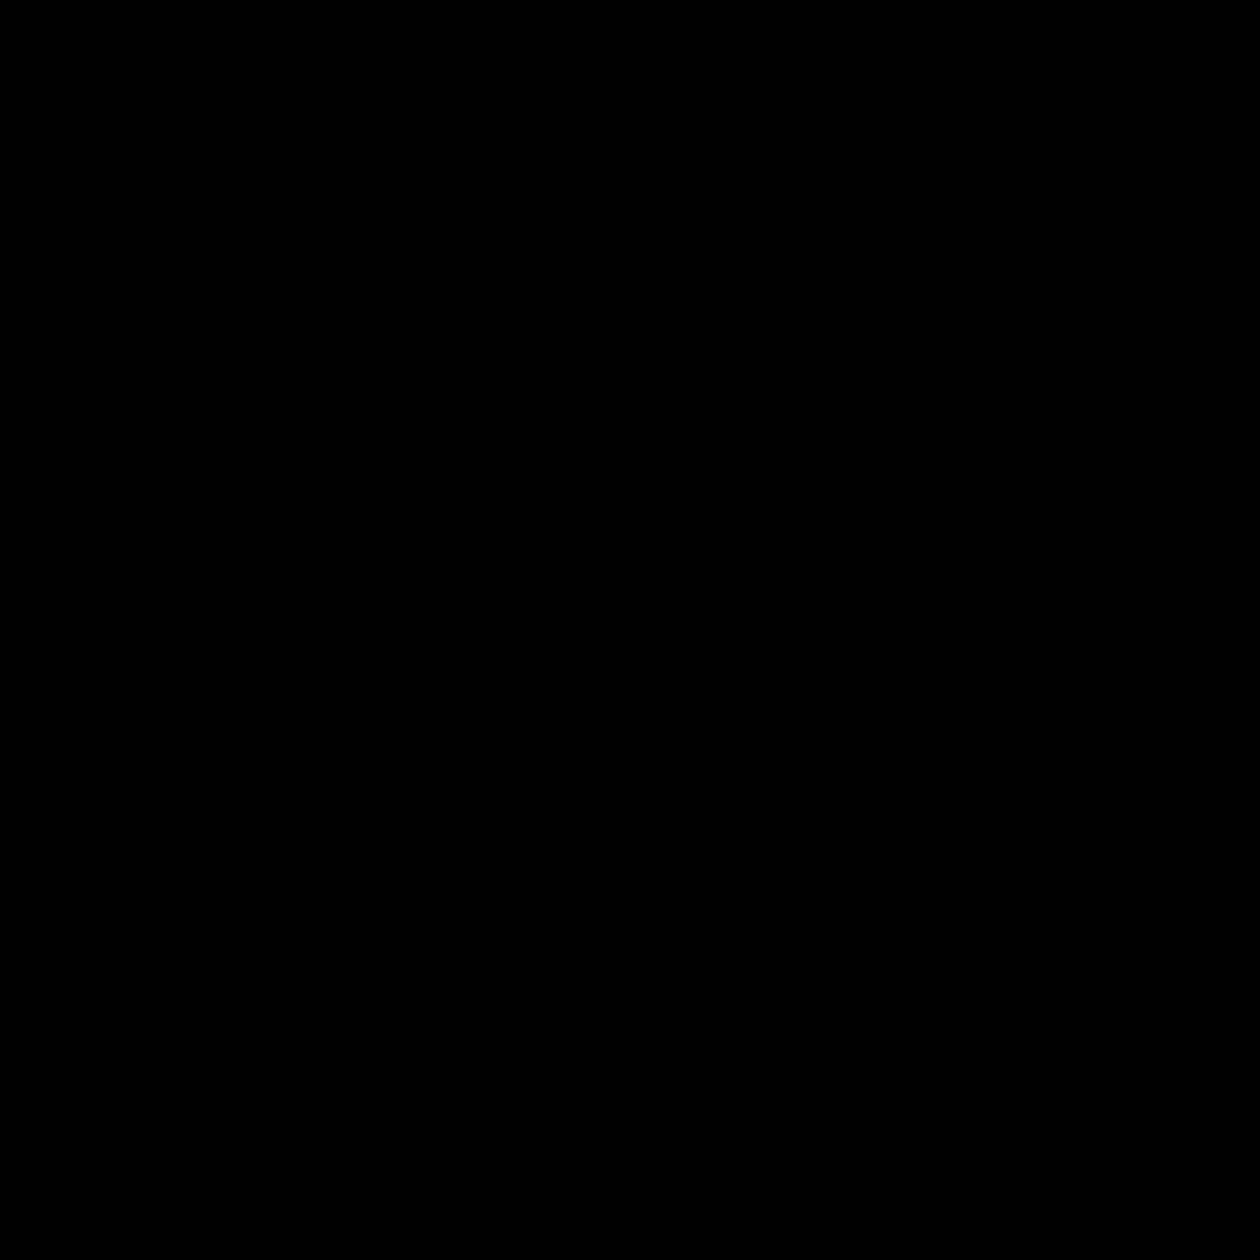 坂本龍馬.comロゴ